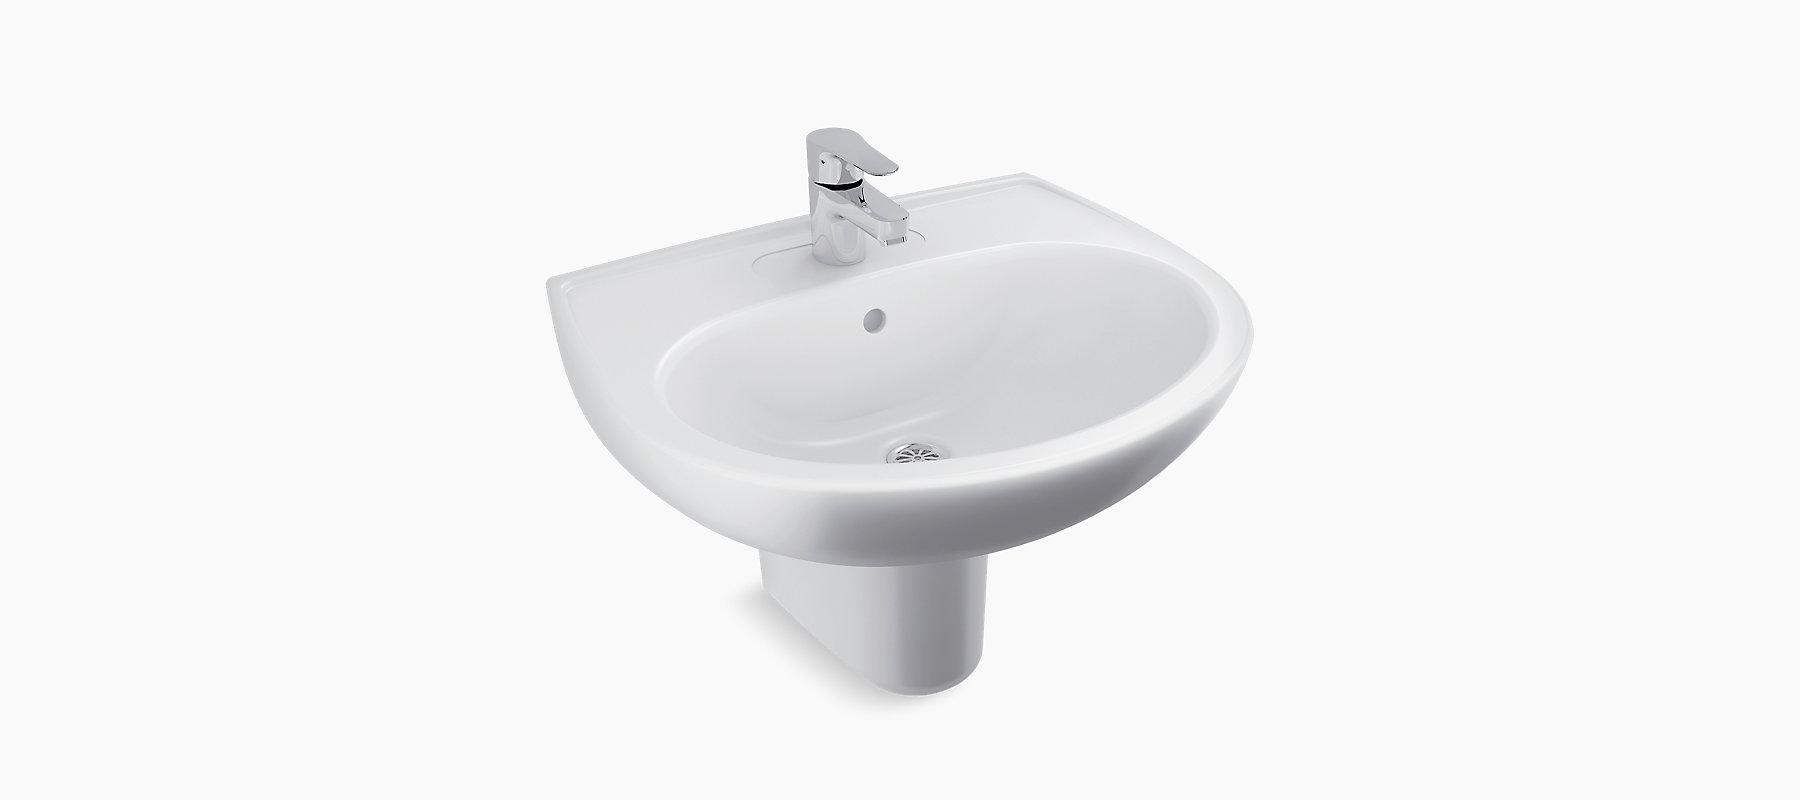 Brive Half Pedestal Lavatory With Single Faucet Hole K 96050in Kohler